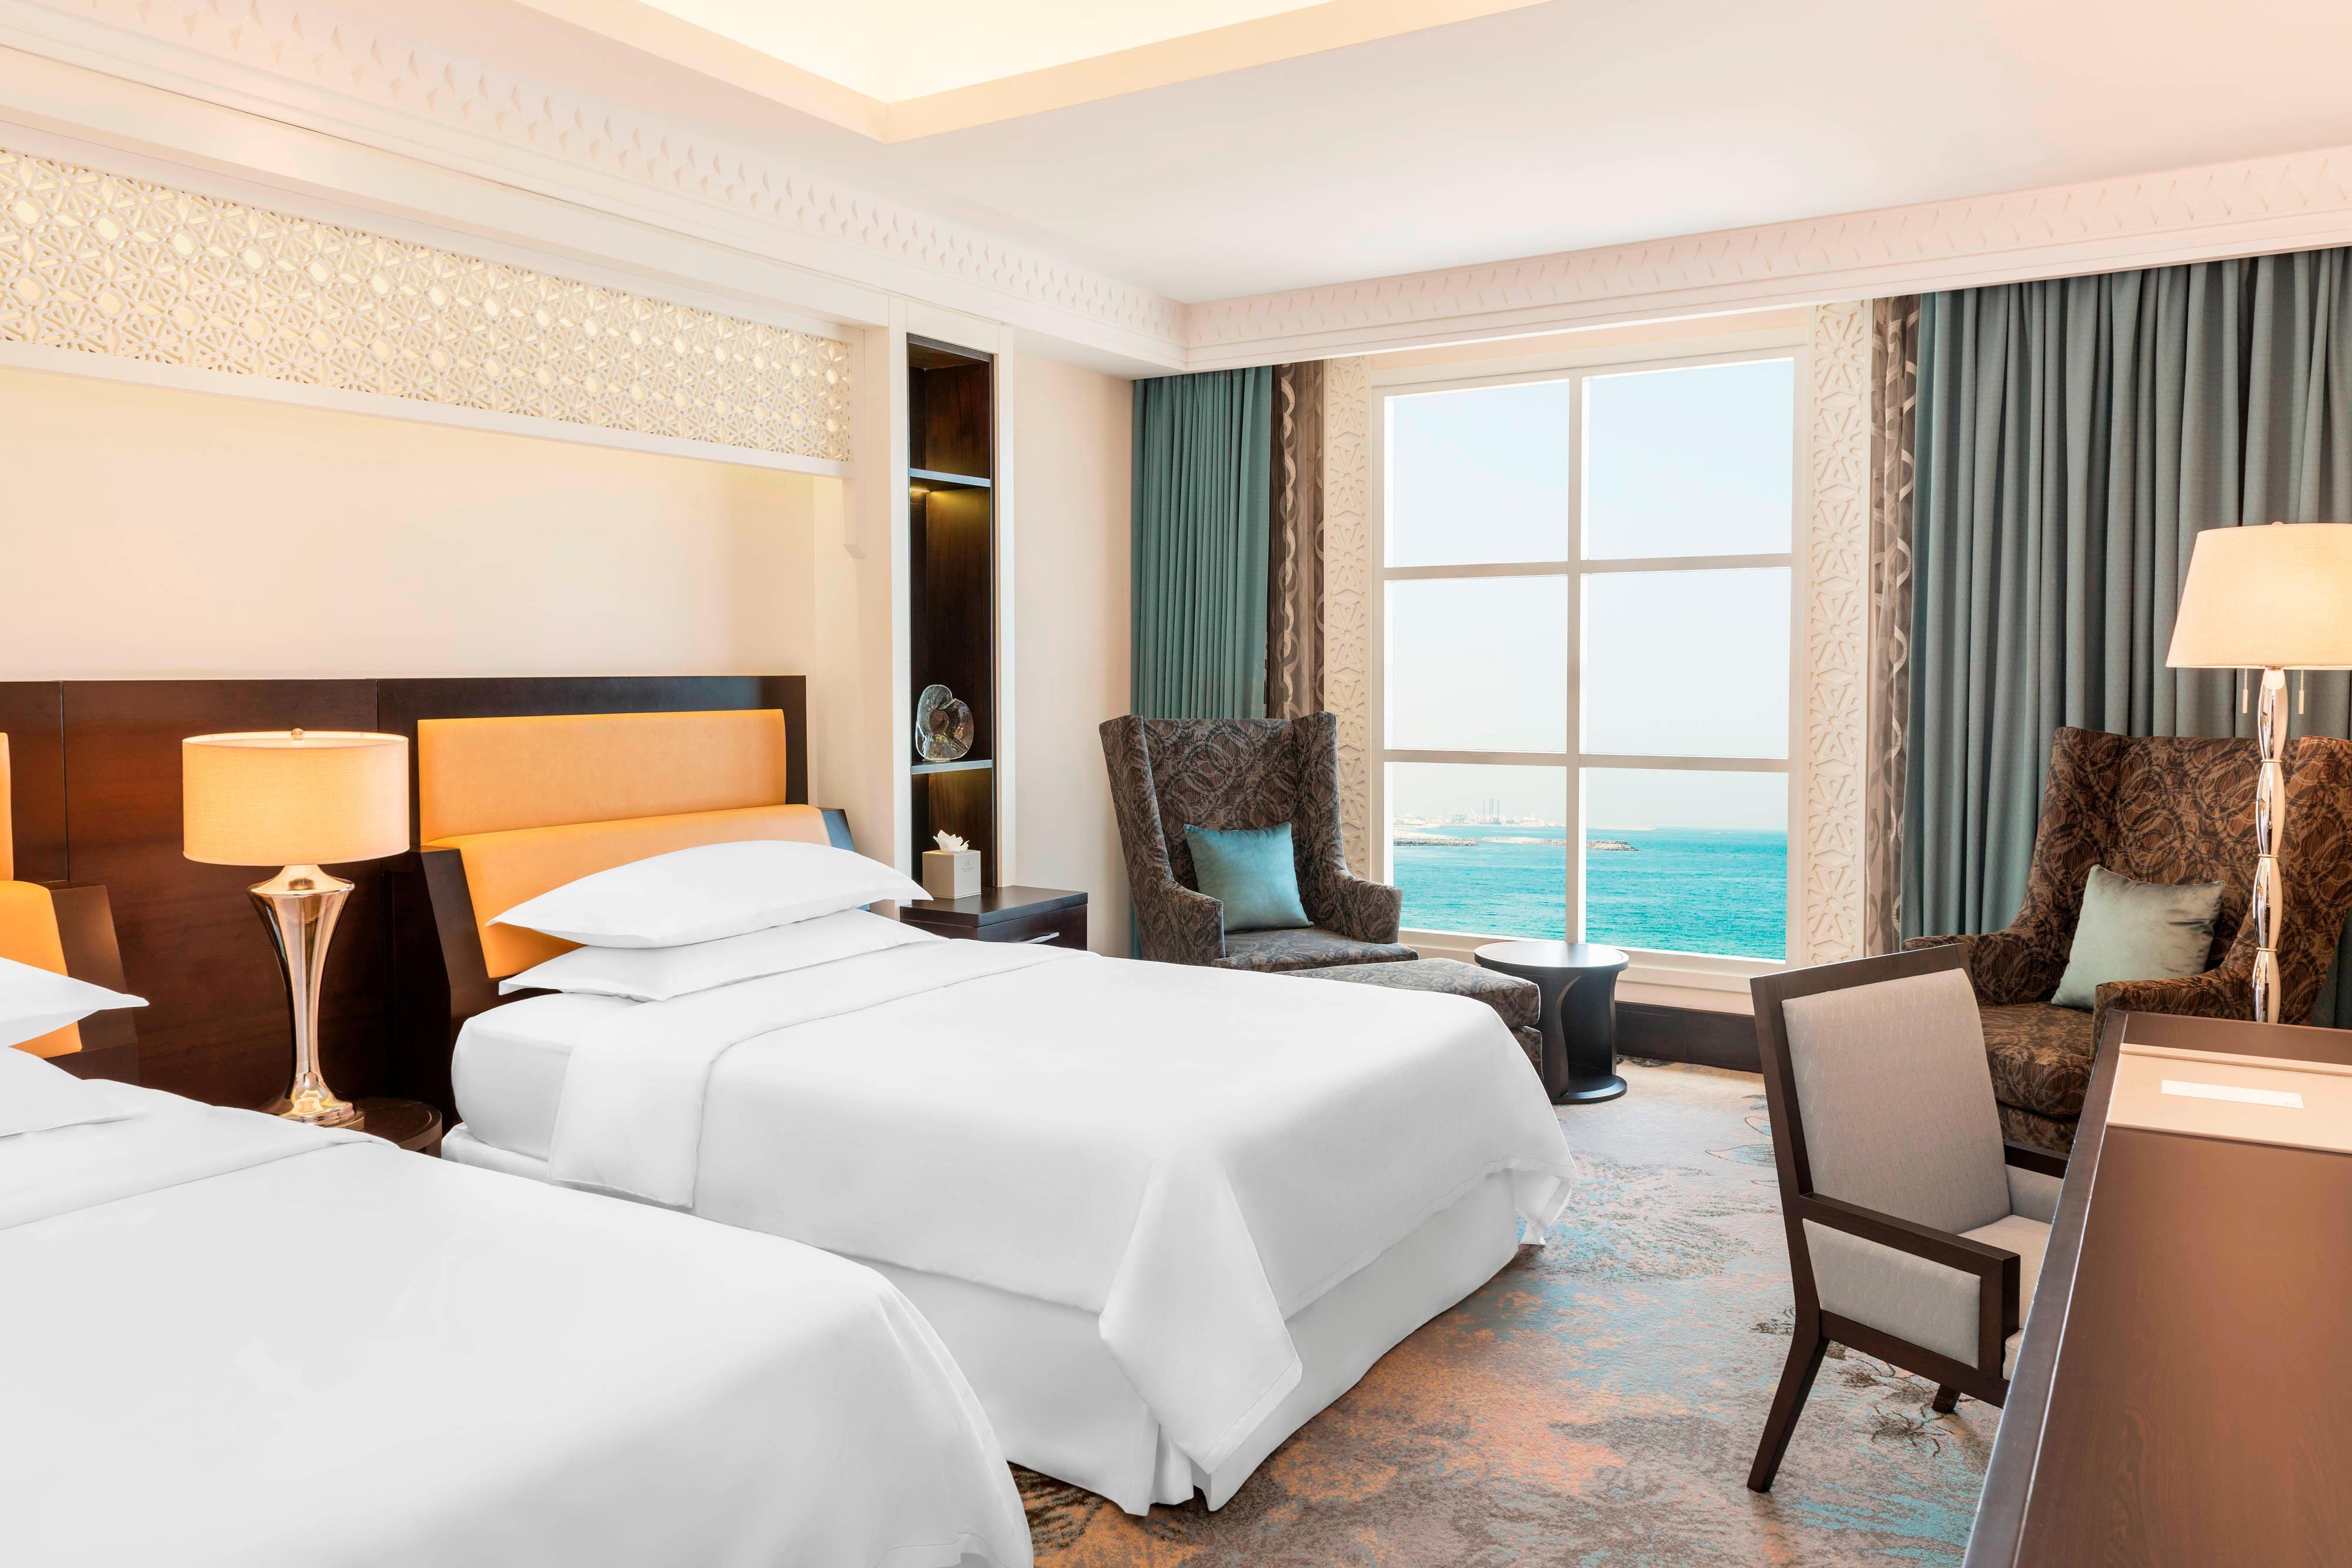 Chambre Deluxe avec lits simples etvue sur la mer